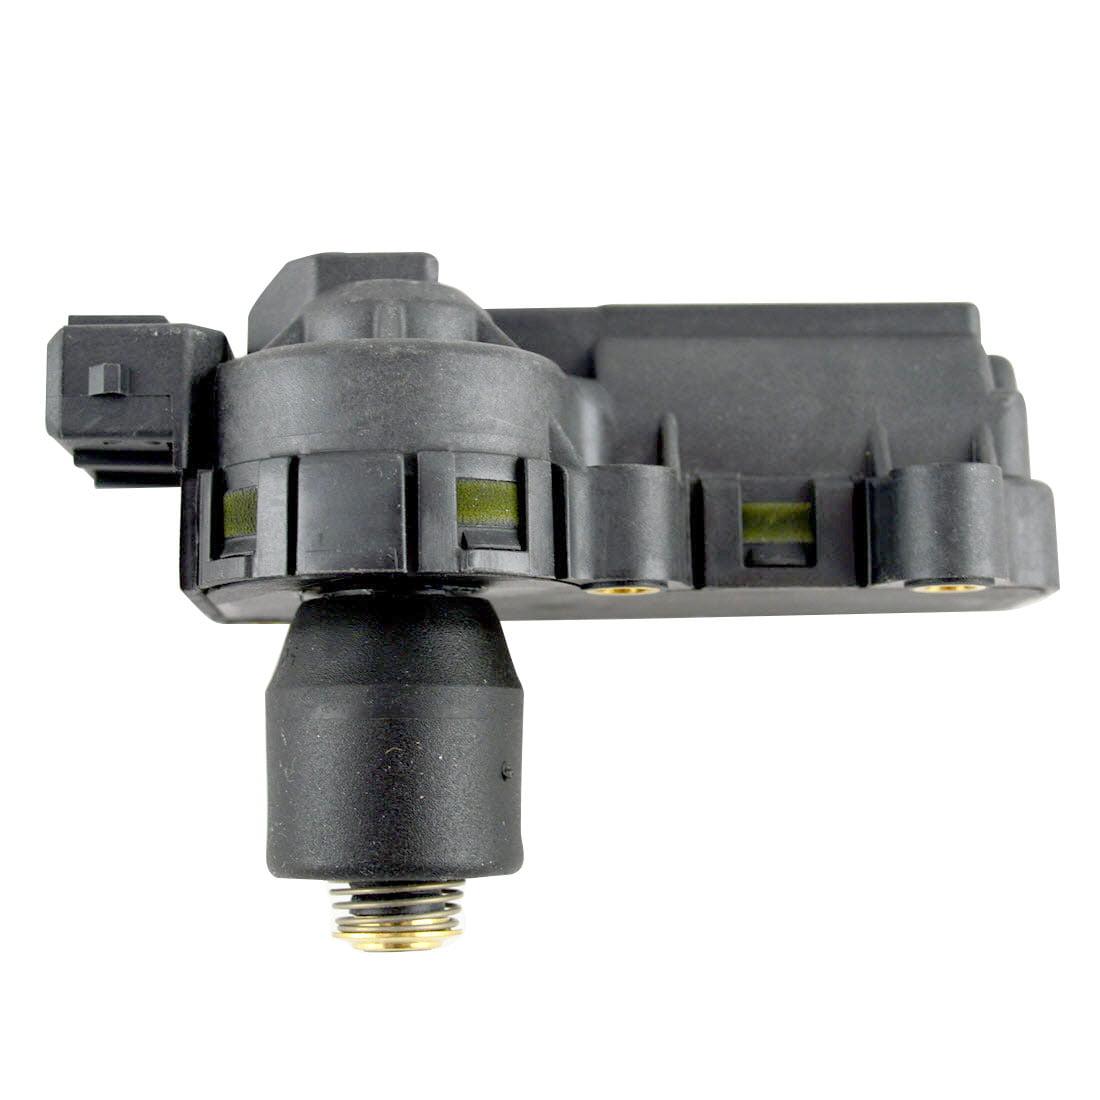 Idle speed control valve